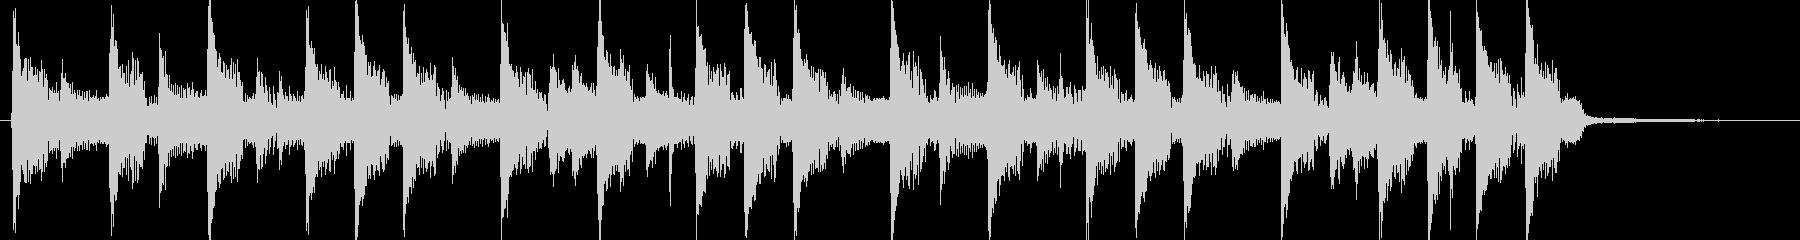 4つ打ちダンスの短いジングルの未再生の波形